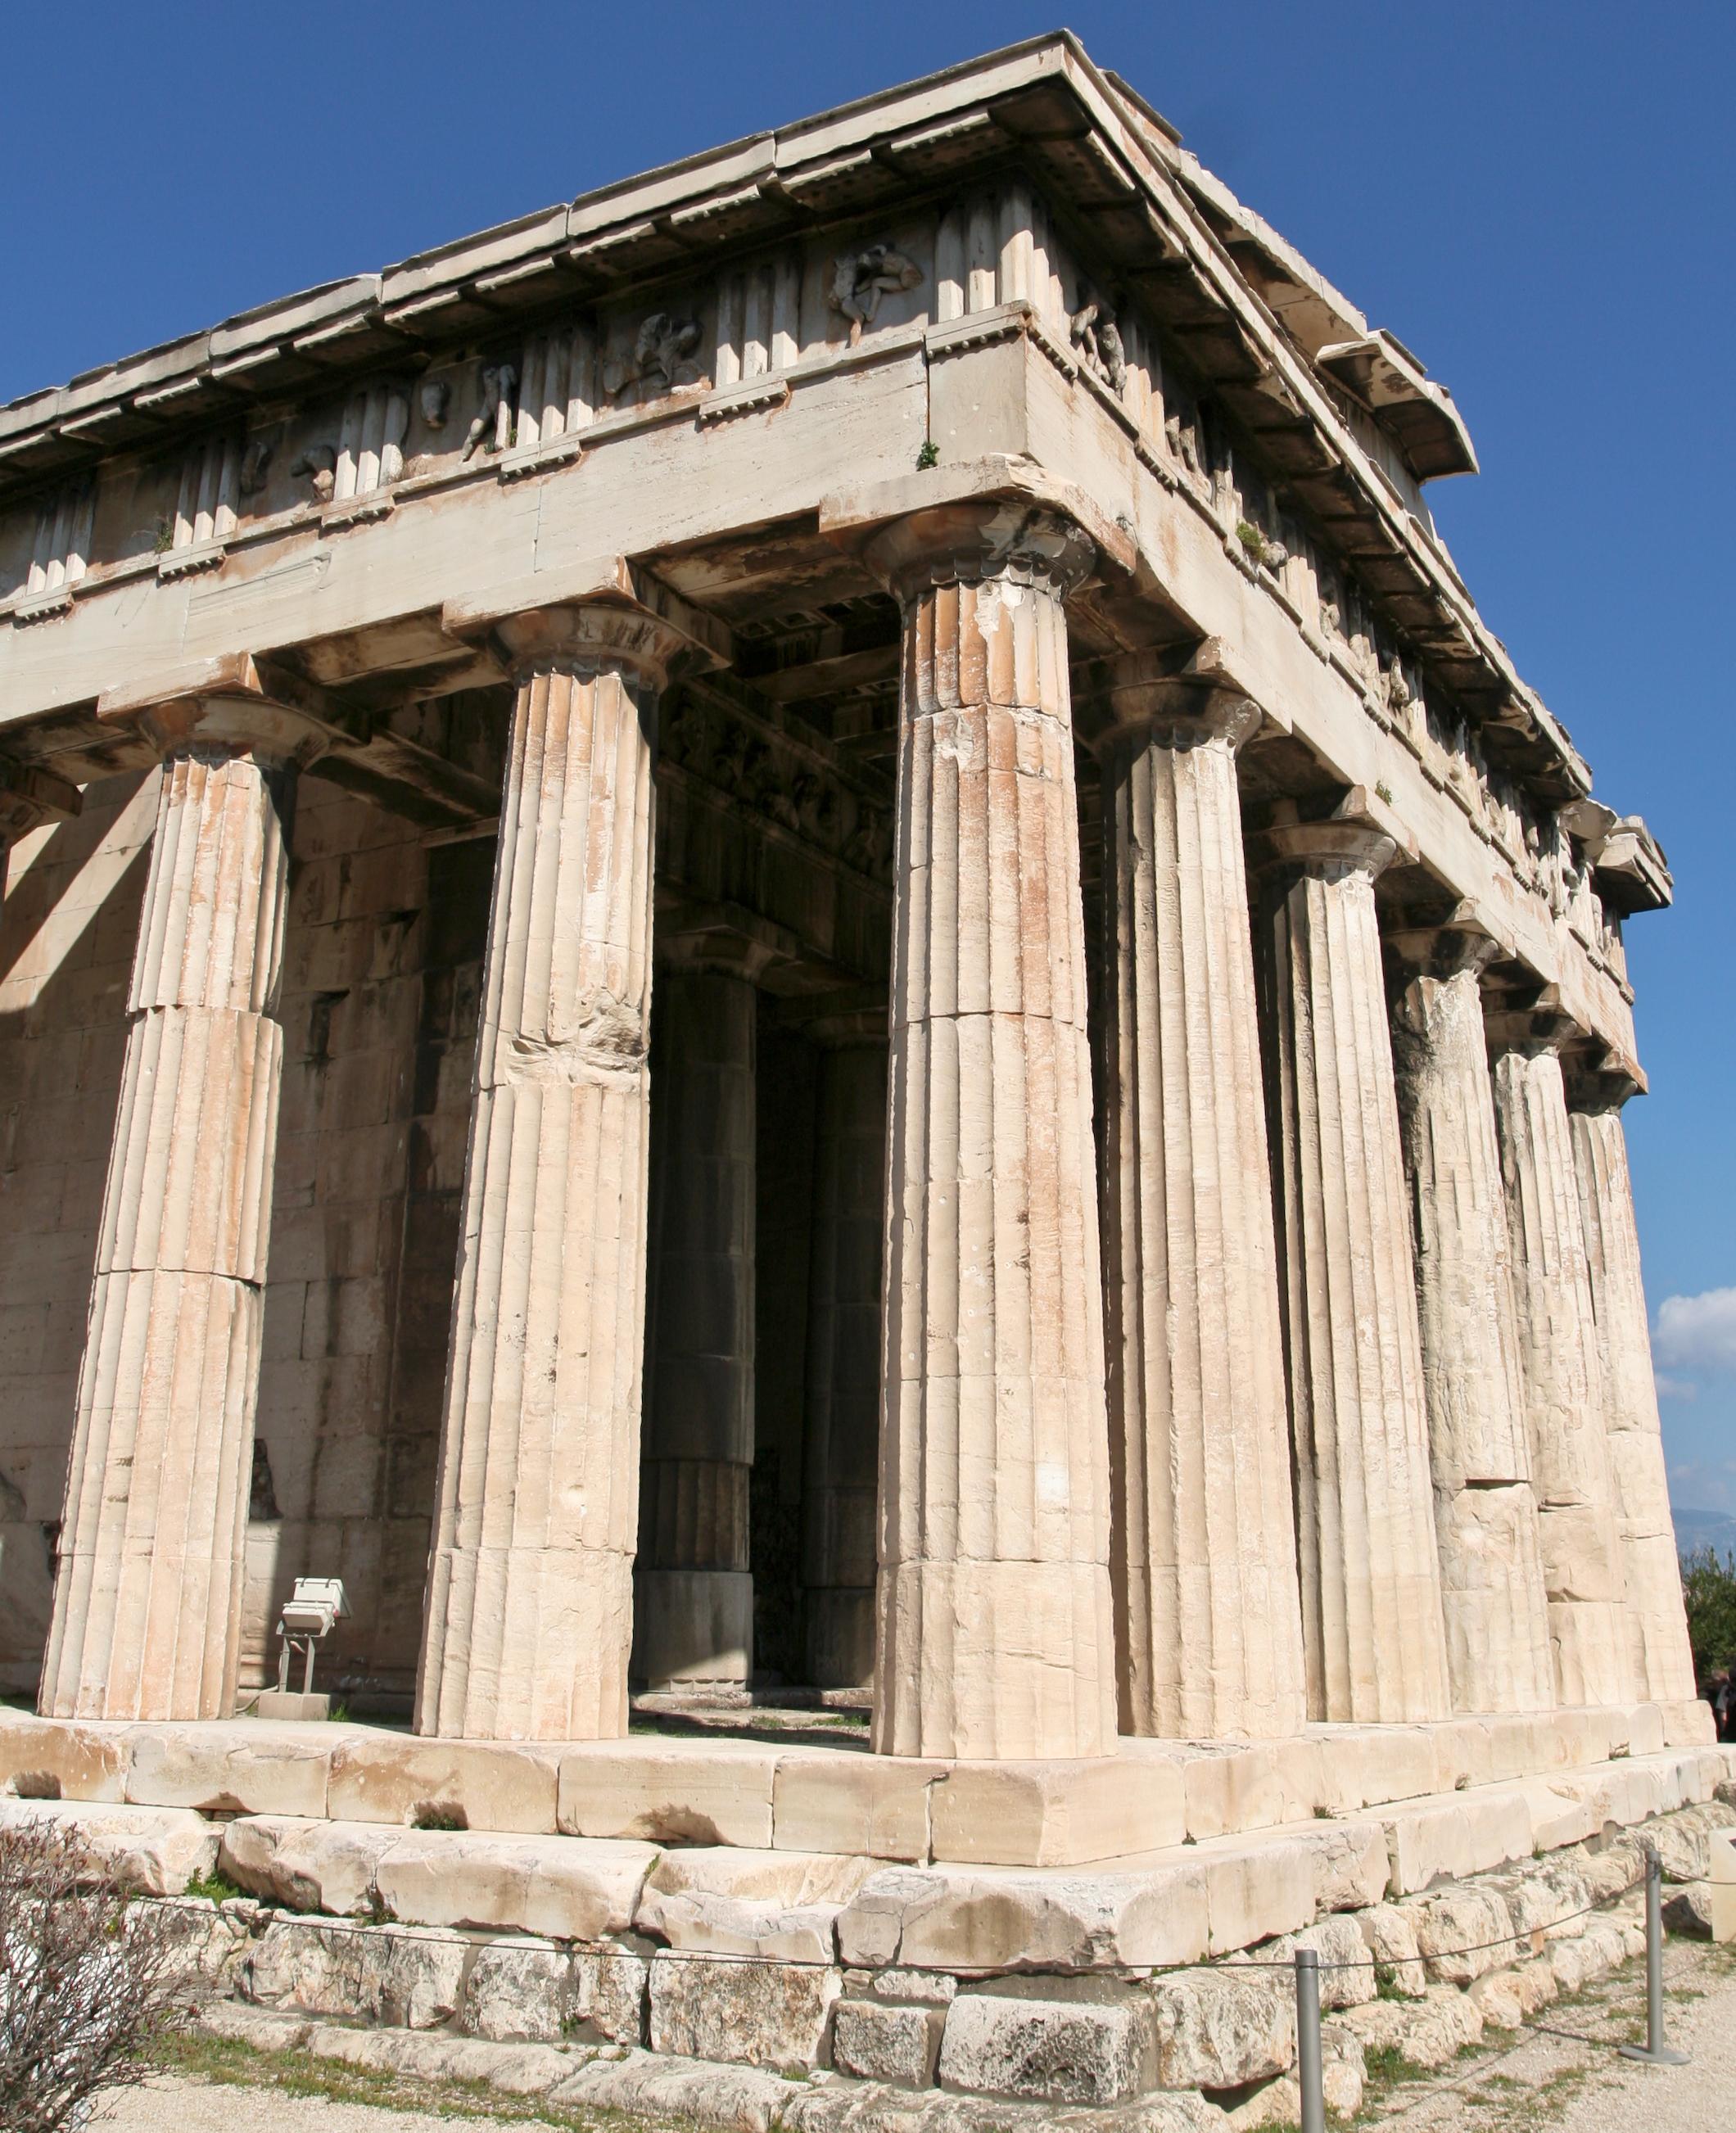 File:Temple of Hephaestus in Athens 15s.jpg